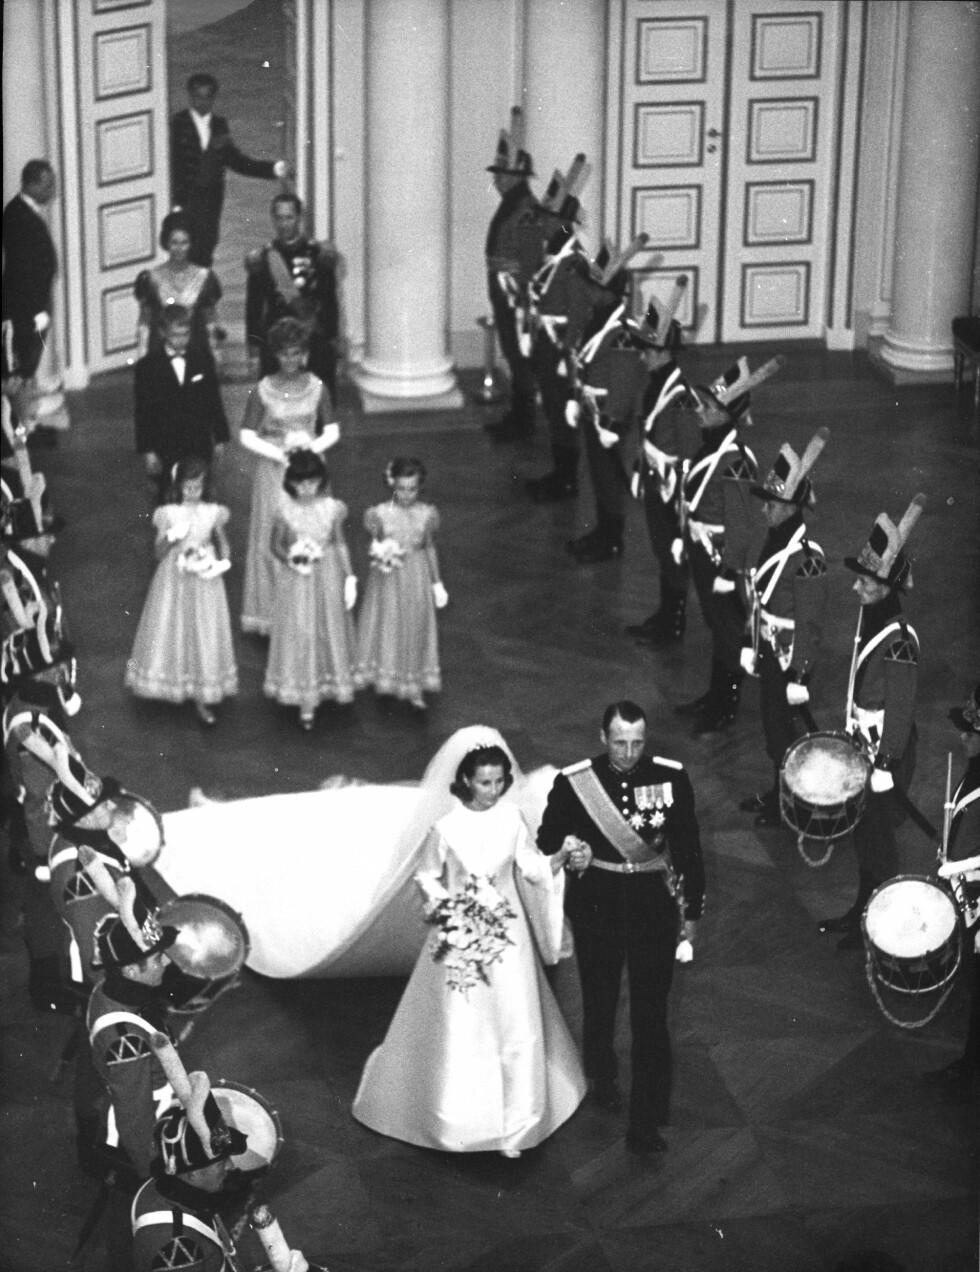 BRUDEPIKER: Niesene Ian Henriksen, Anita Henriksen, Lis Haraldsen og Ingeborg Lorentzen hadde fått det ærefulle oppdraget med å være parets brudepiker. FOTO: NTB Scanpix